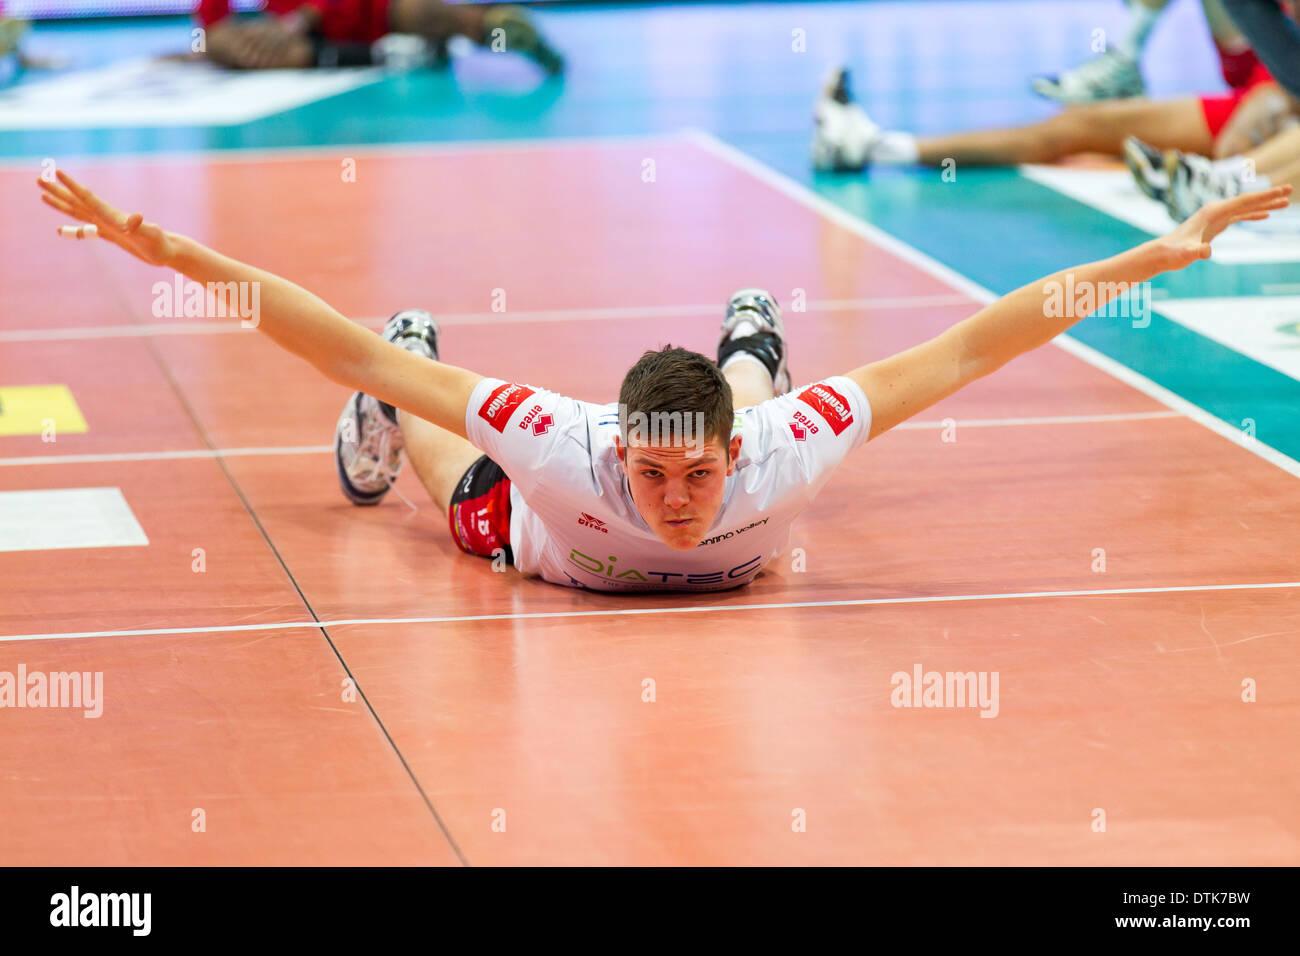 Campionato Serie A1 maschile - FIPAV - Stock Image